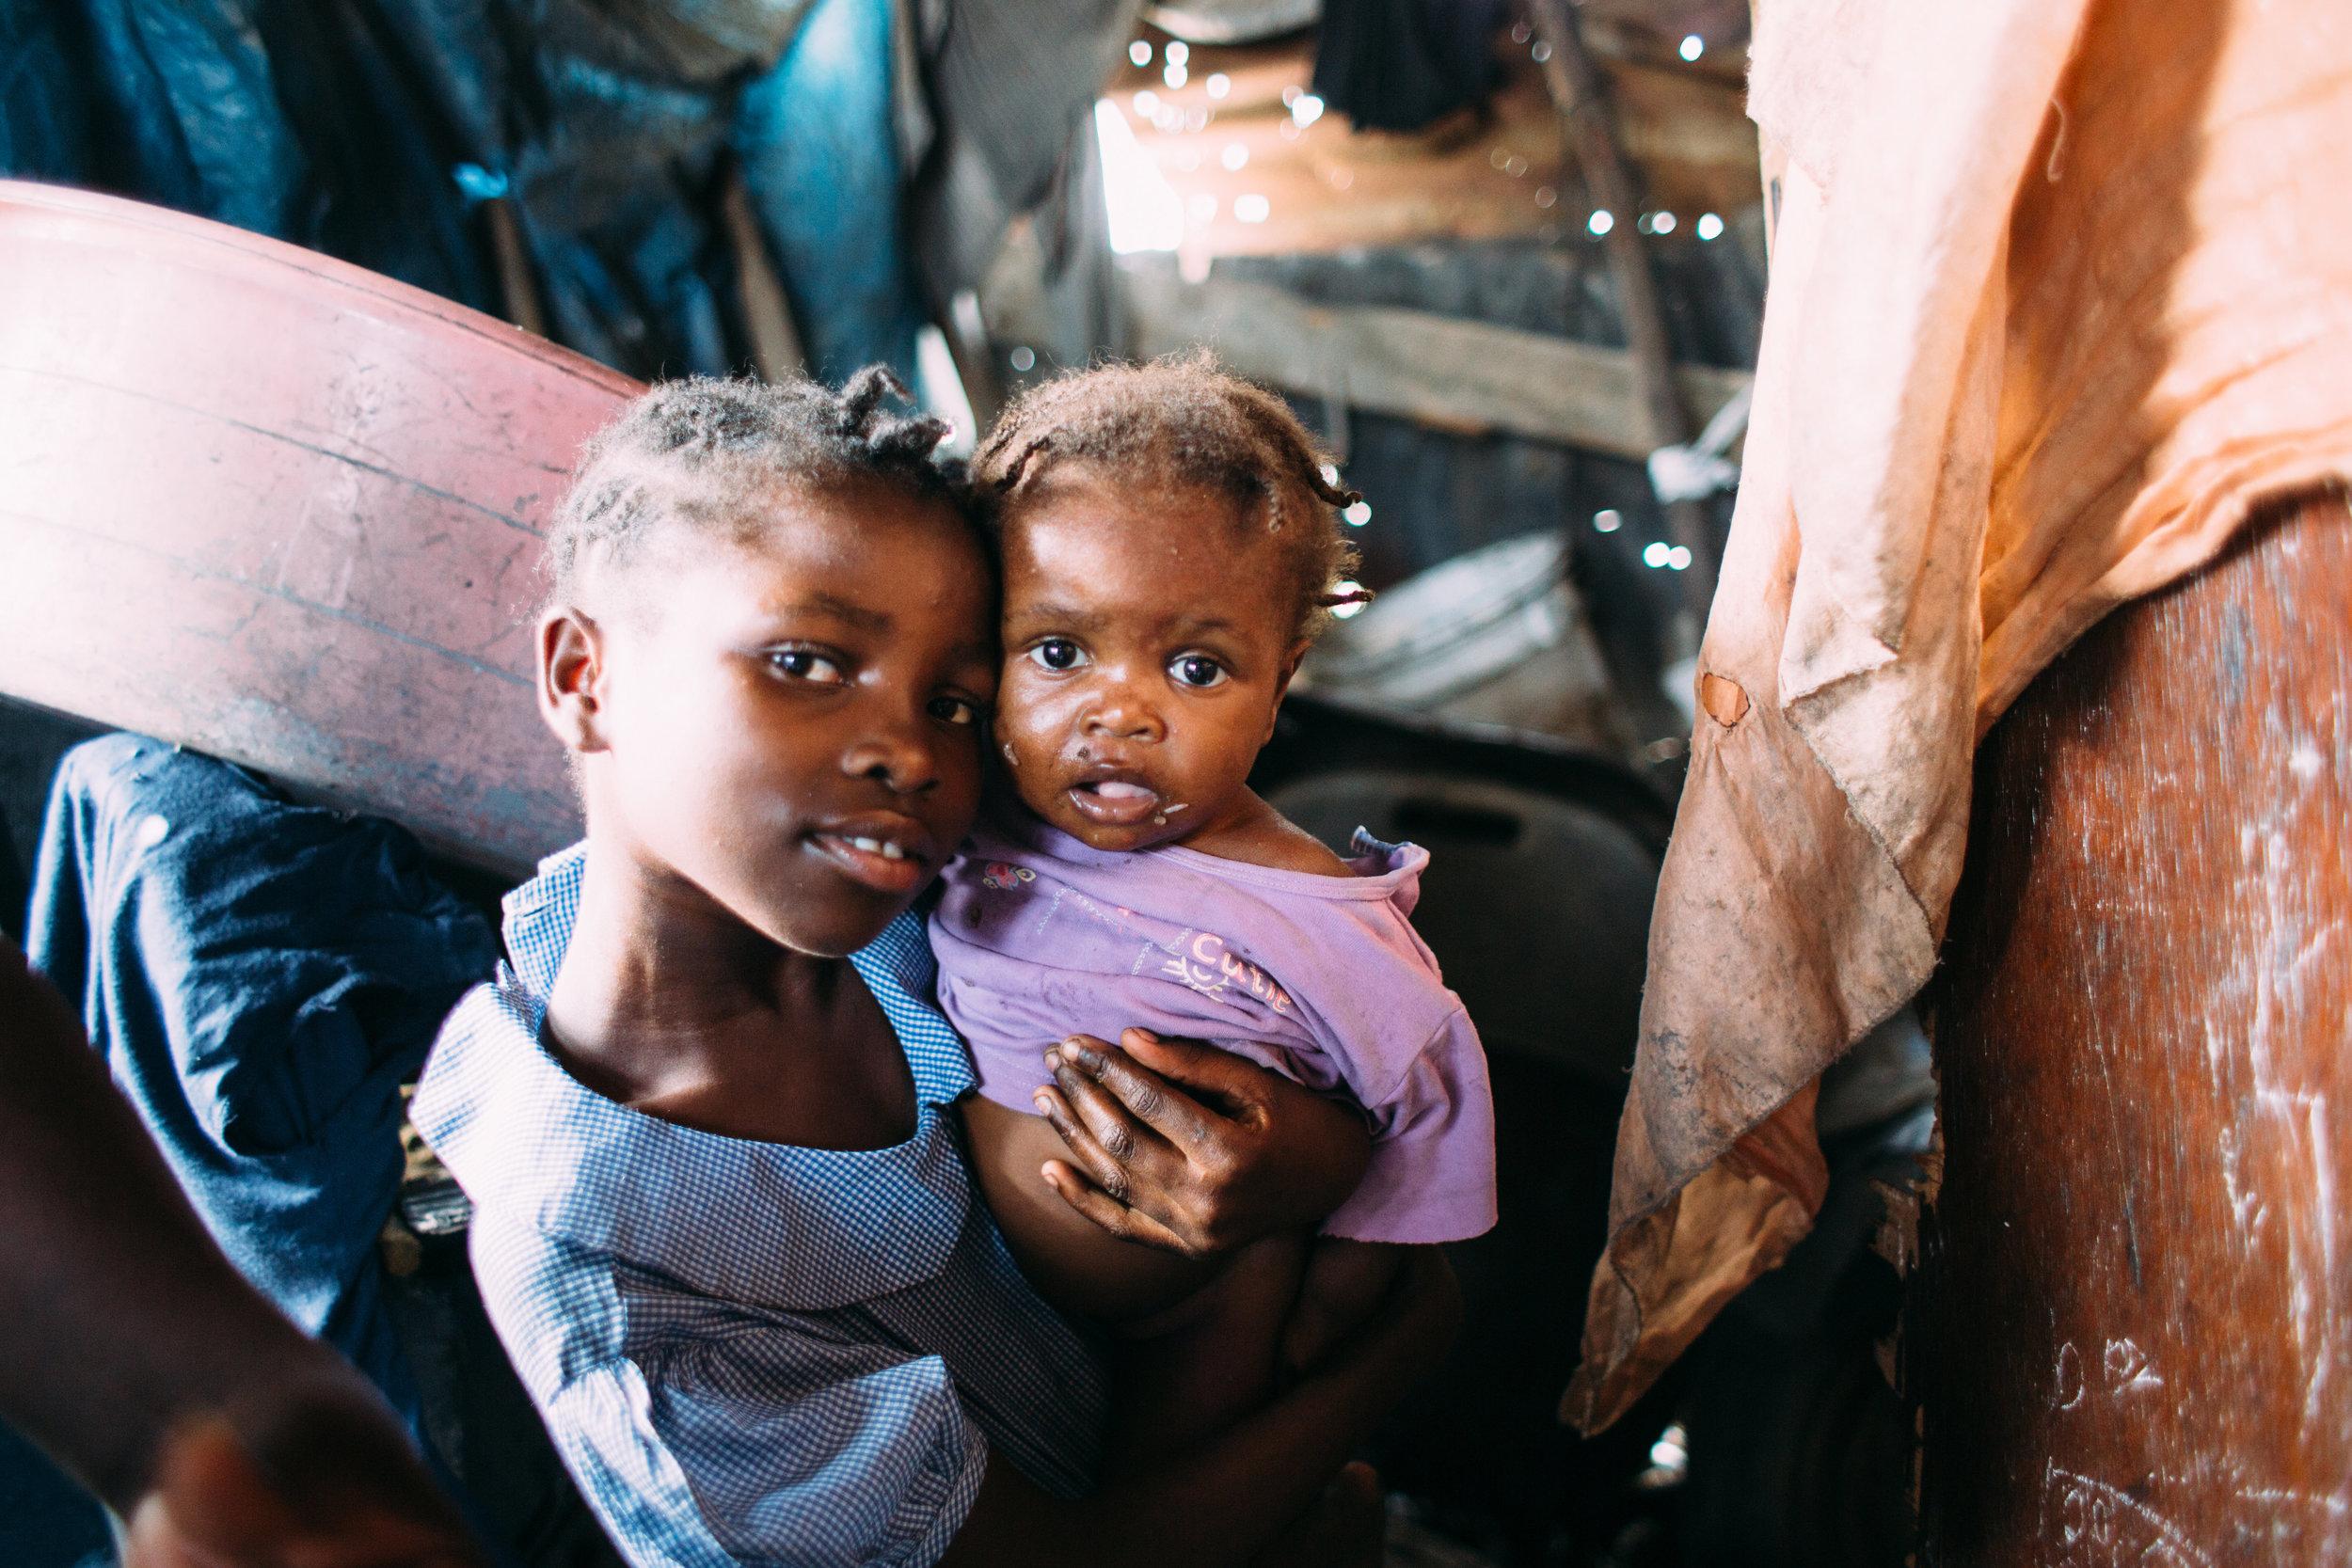 Haiti 2016-Cite Soliel 1-0120.jpg